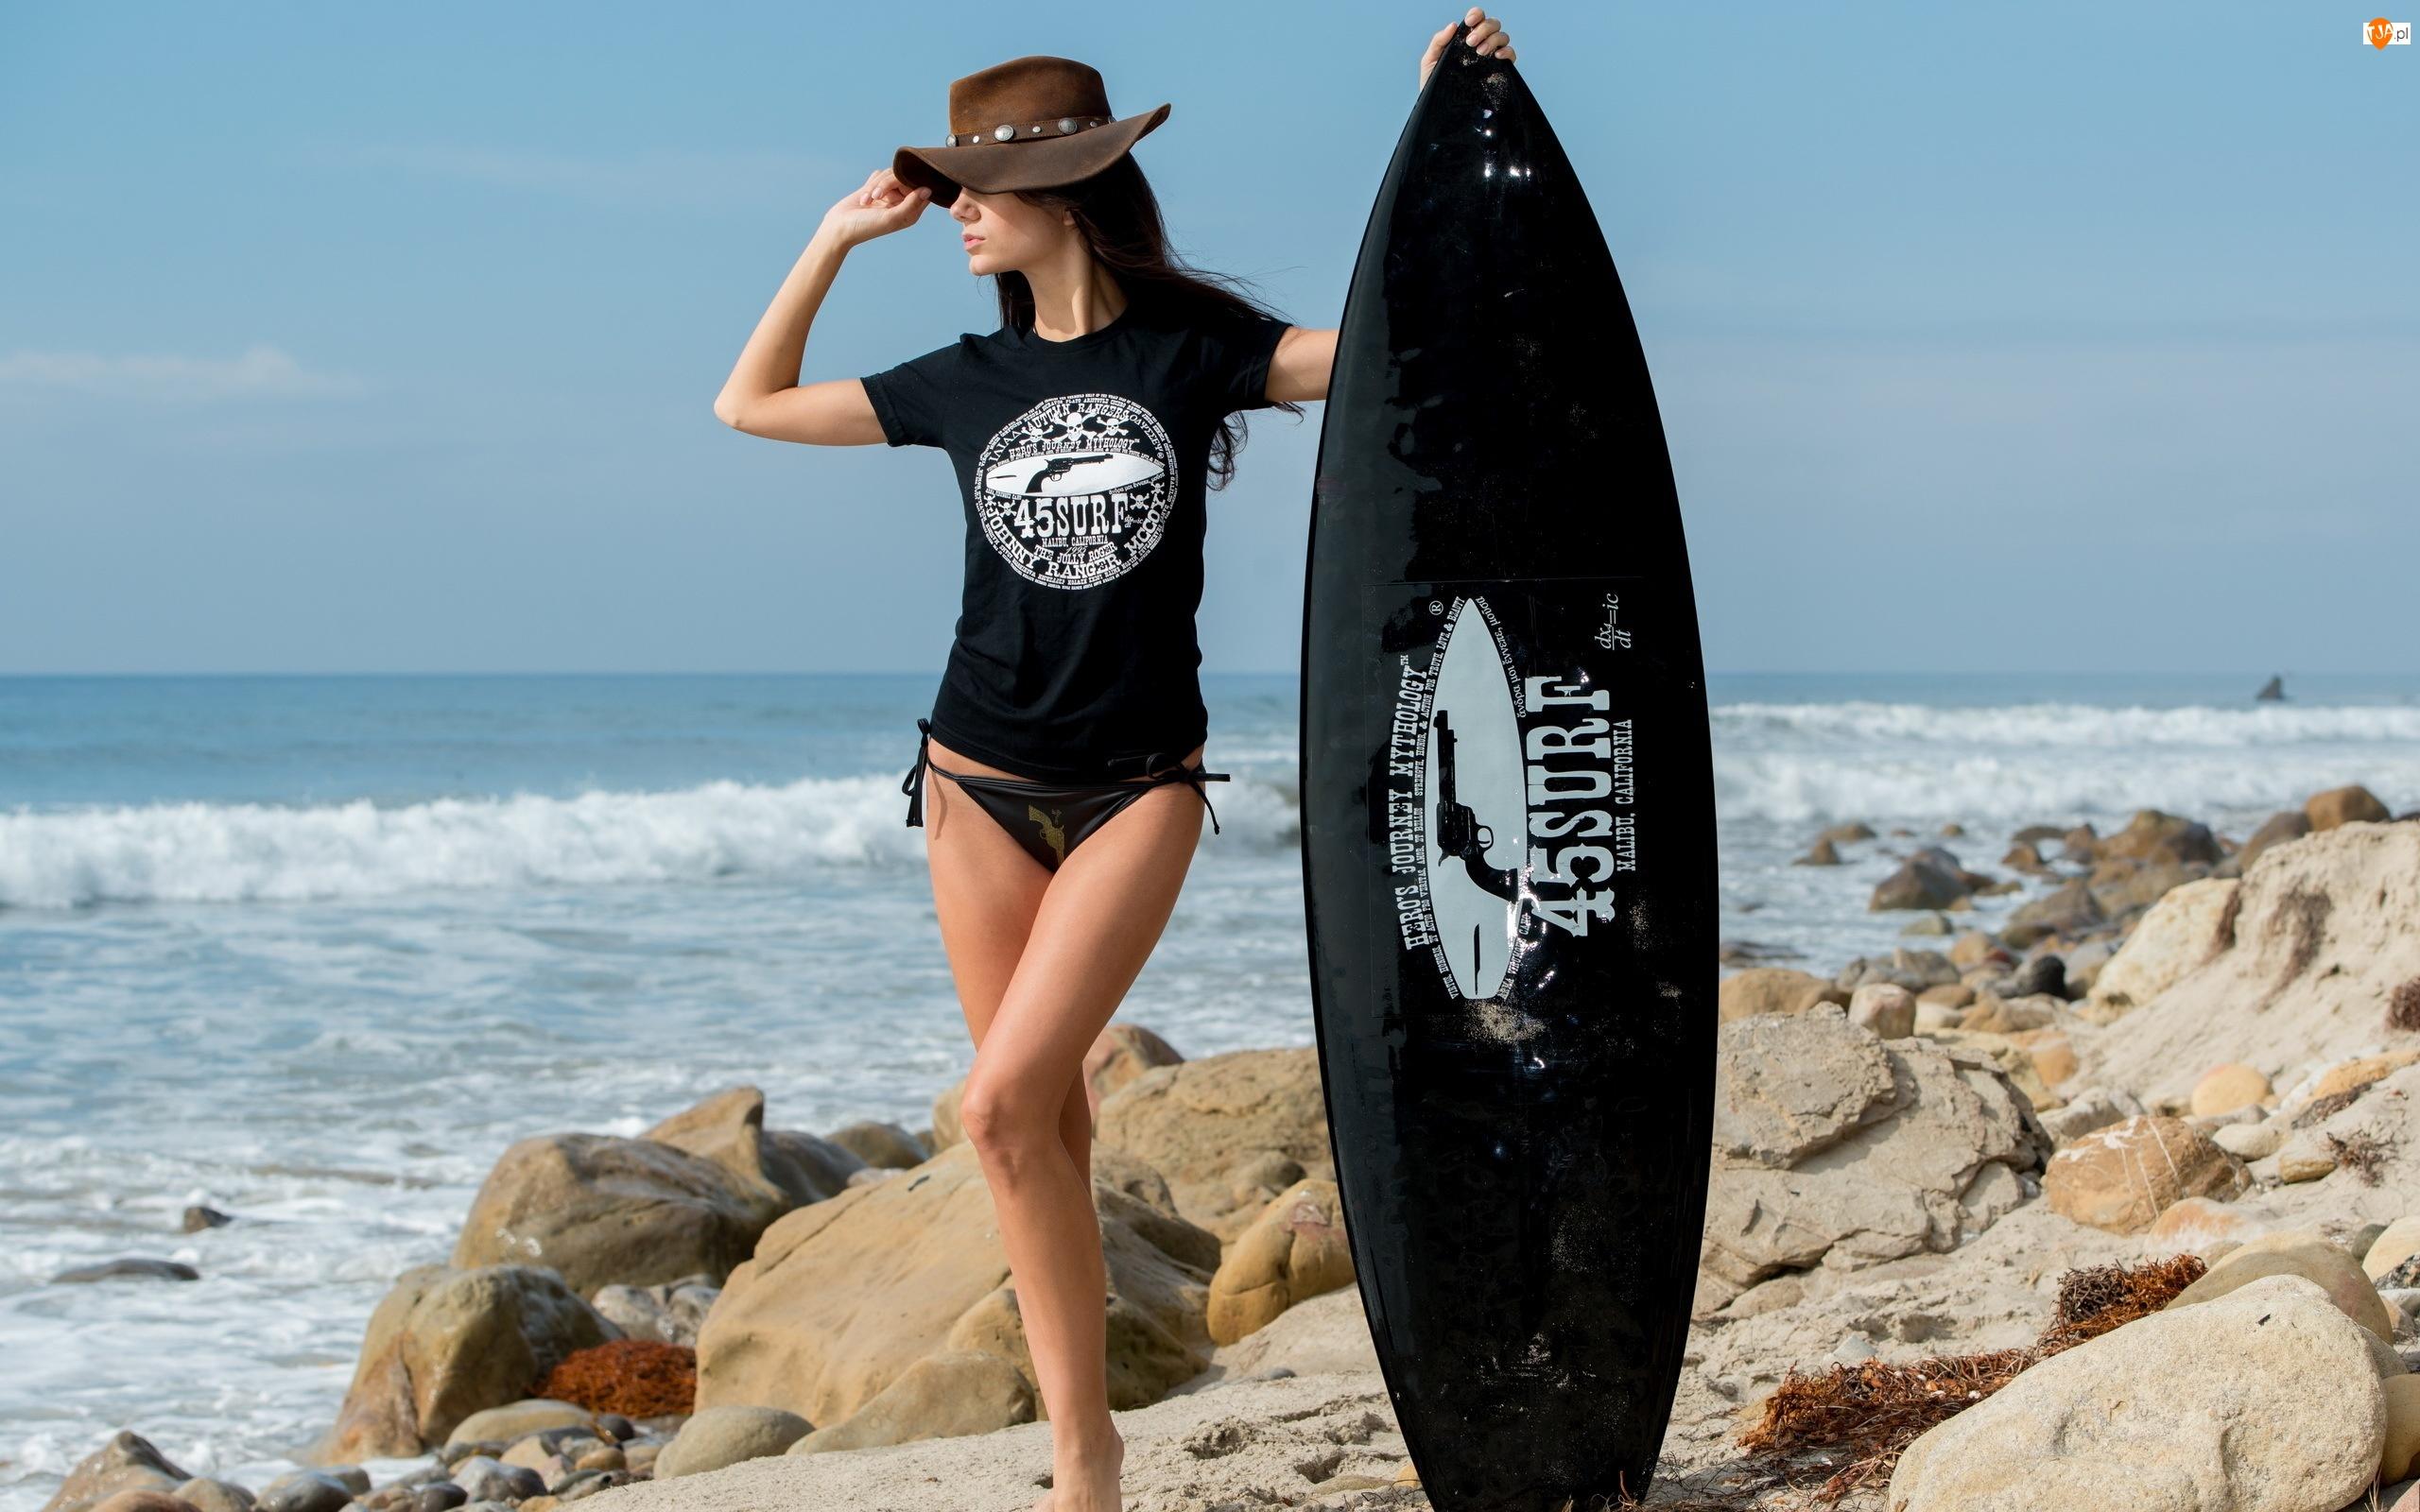 Skały, Dziewczyna, Surfingowa, Deska, Morze